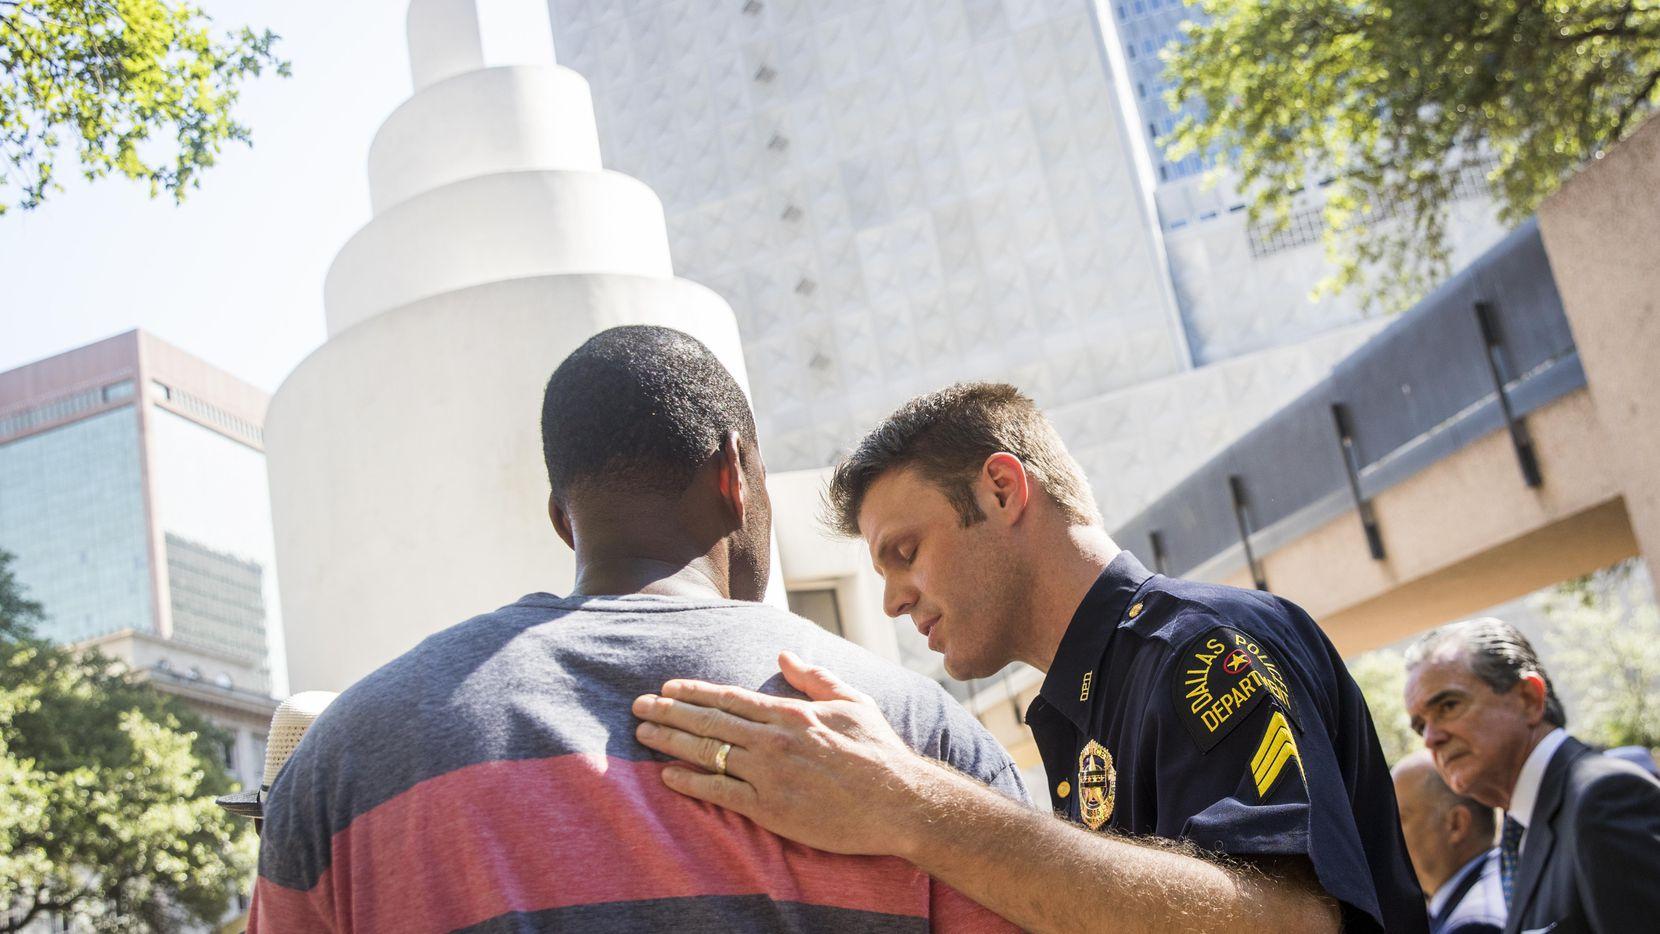 El sargento Dan Mosher abraza a Odell Edwards, el padre de Jordan, un joven de 15 años que murió a manos de un policía de Balch Springs en abril. Ambos participaron en un acto conmemorativo por las víctimas  del 7 de julio del año pasado. SMILEY N. POOL/DMN